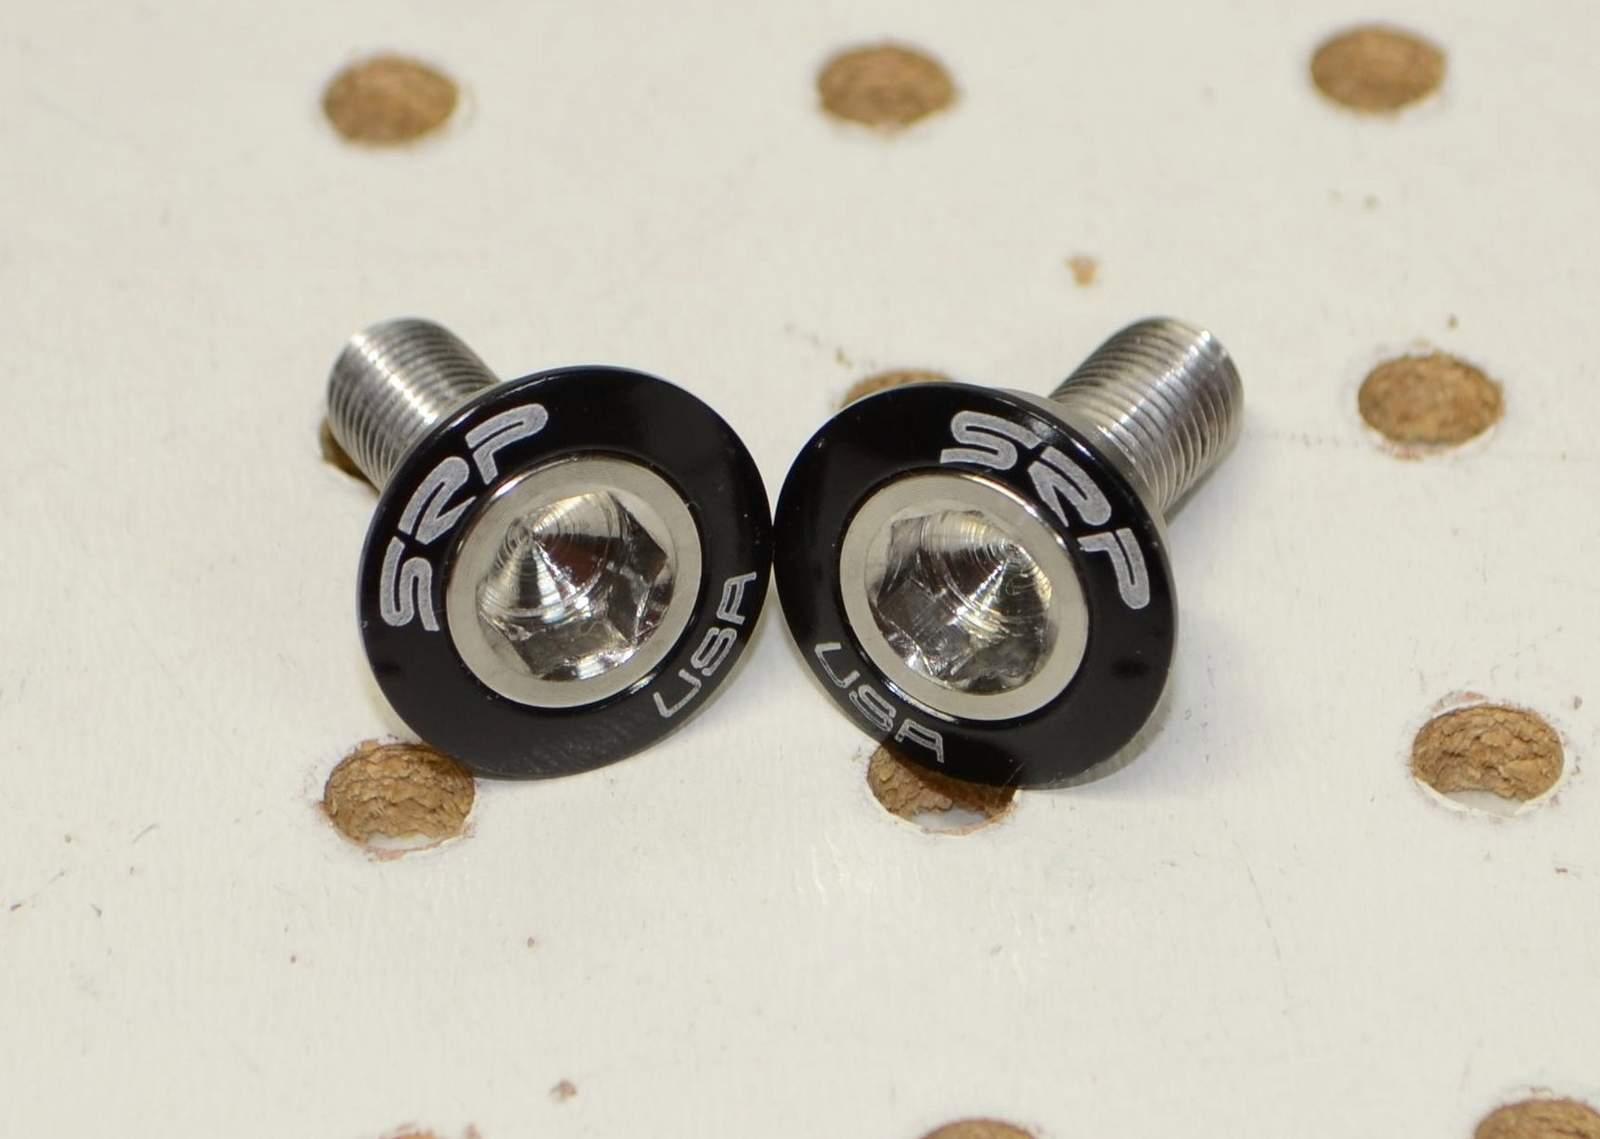 http://uploads.bmxmuseum.com/user-images/17782/srp-ti-crank-bolts...15b8097803d.jpg